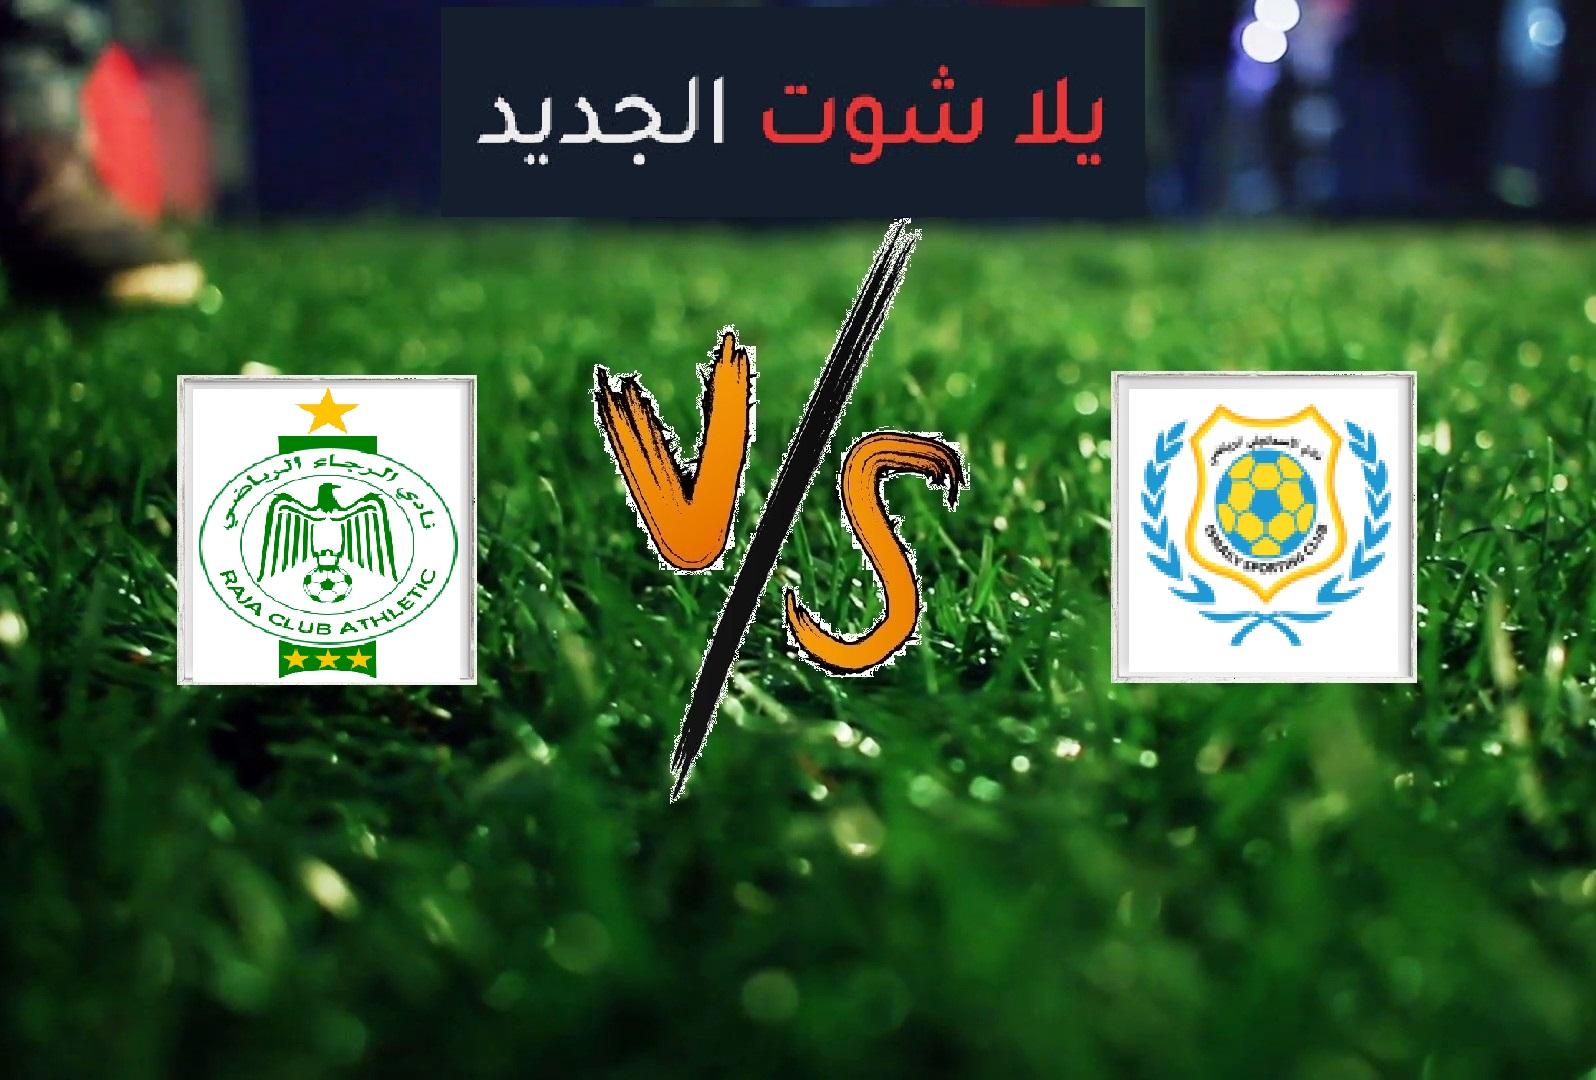 نتيجة مباراة الإسماعيلي والرجاء الرياضي بتاريخ 16-02-2020 البطولة العربية للأندية